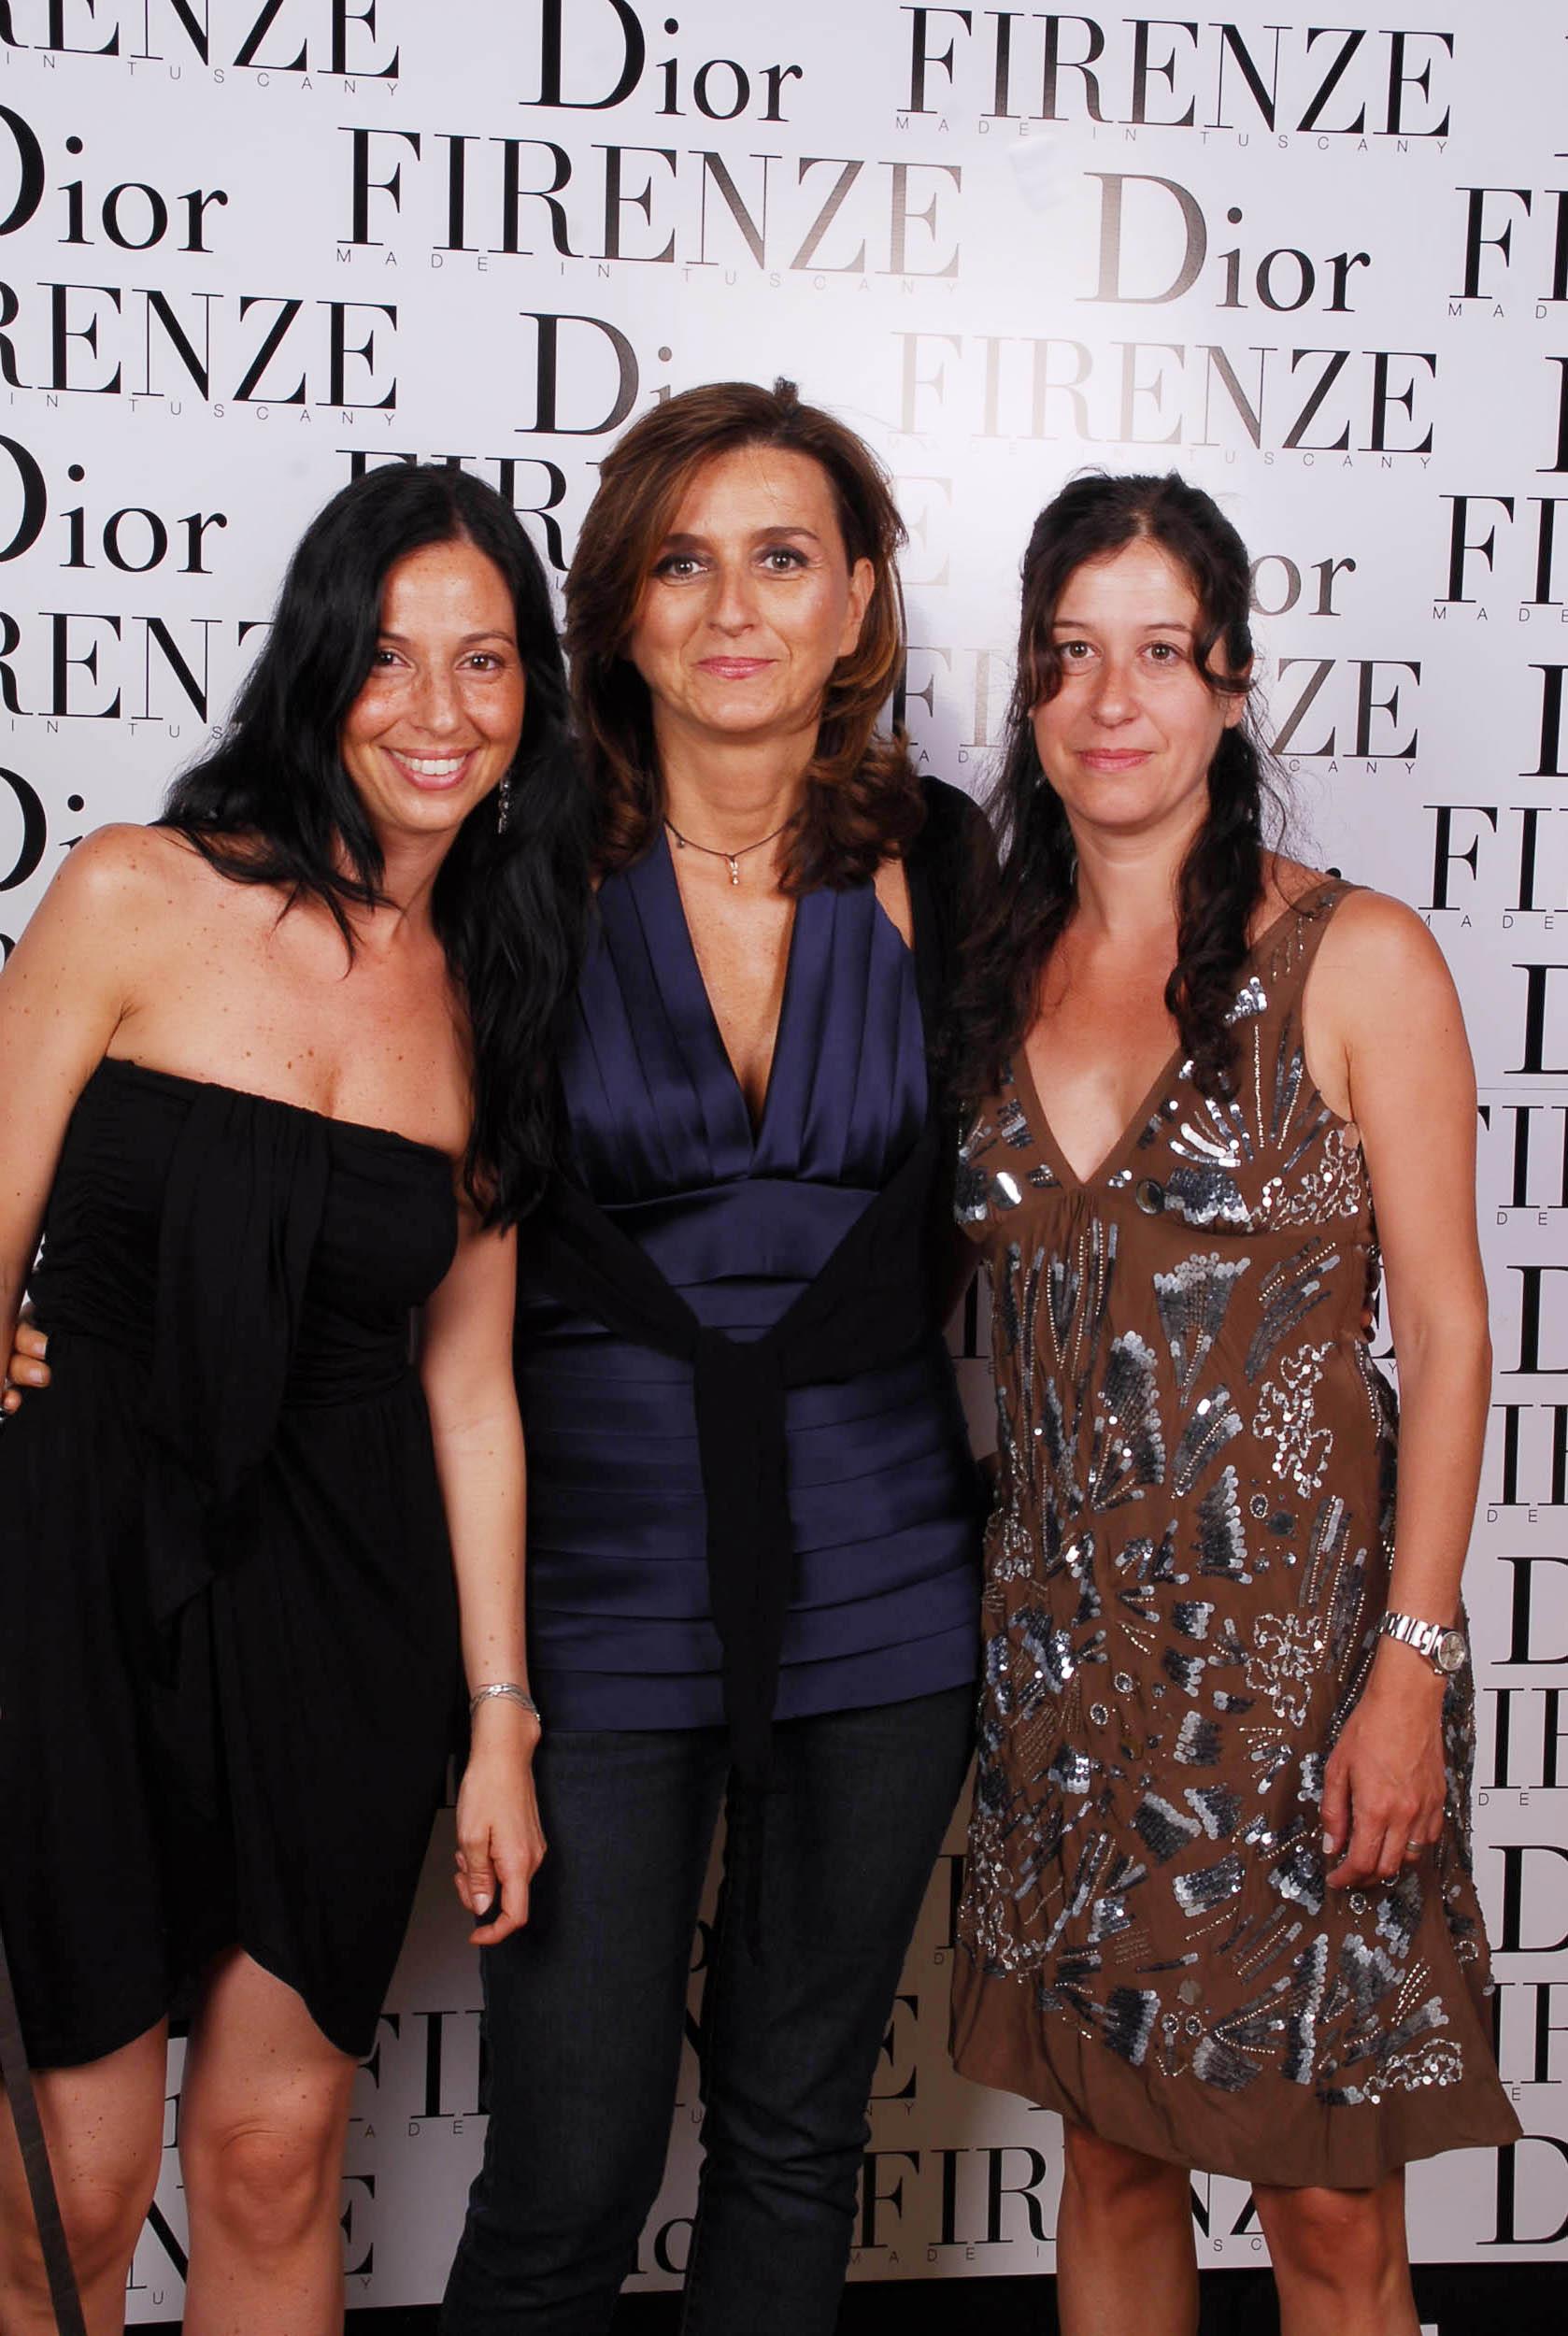 PRESSPHOTO  Firenze, evento Dior al teatro romano di Fiesole. Nella foto Paola Gribilli, Alessia Fanti e Raffaella Dotti